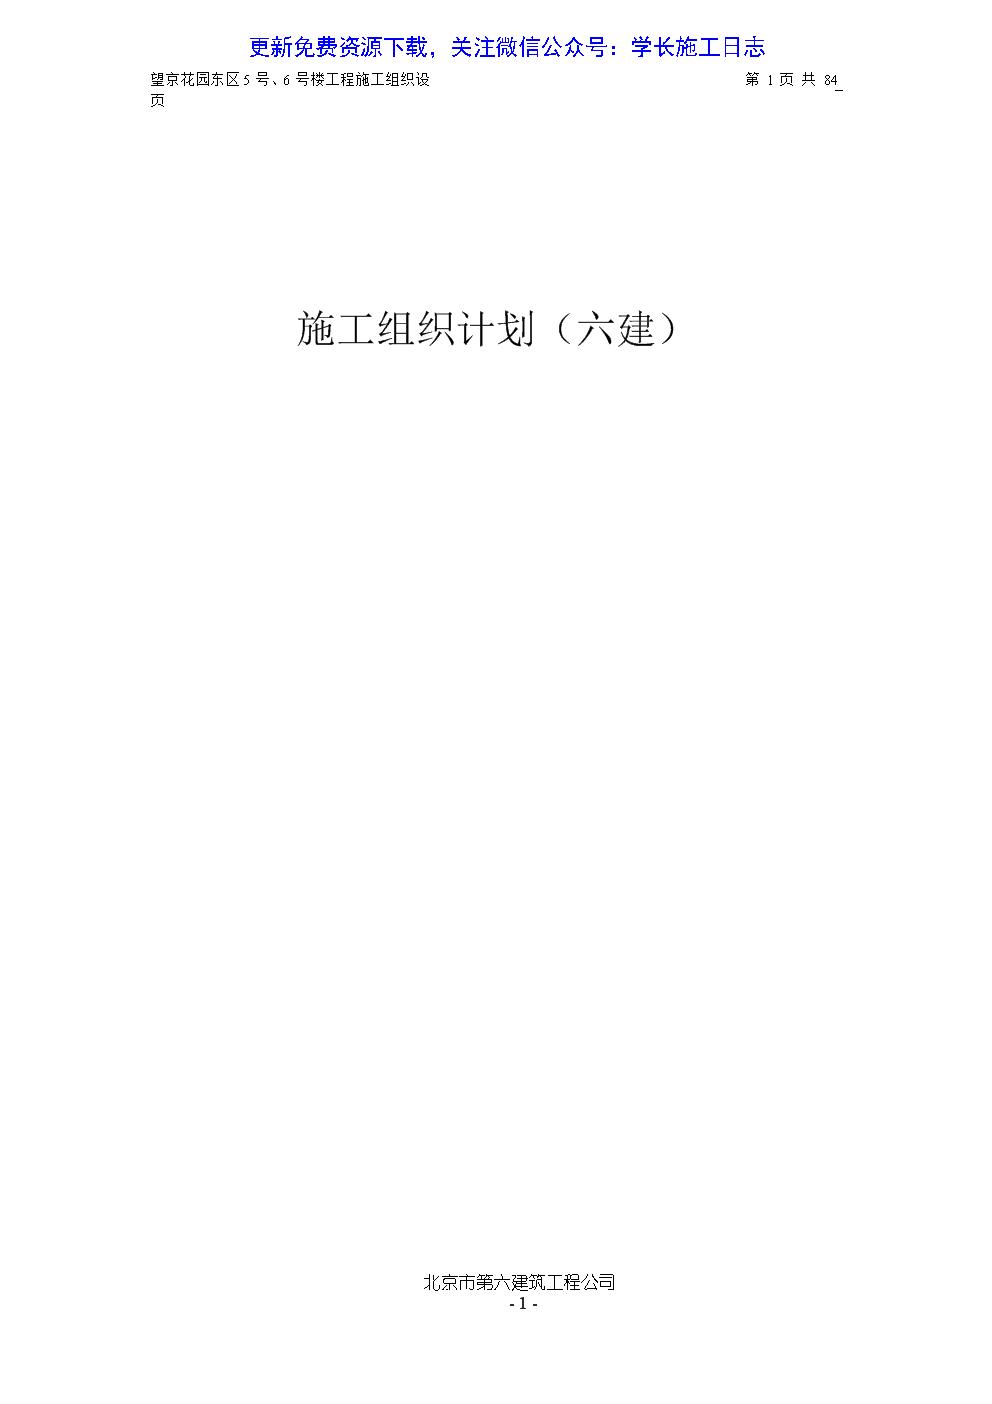 47-望京花园东区高教住宅小区5号、6号楼施组-六建.docx